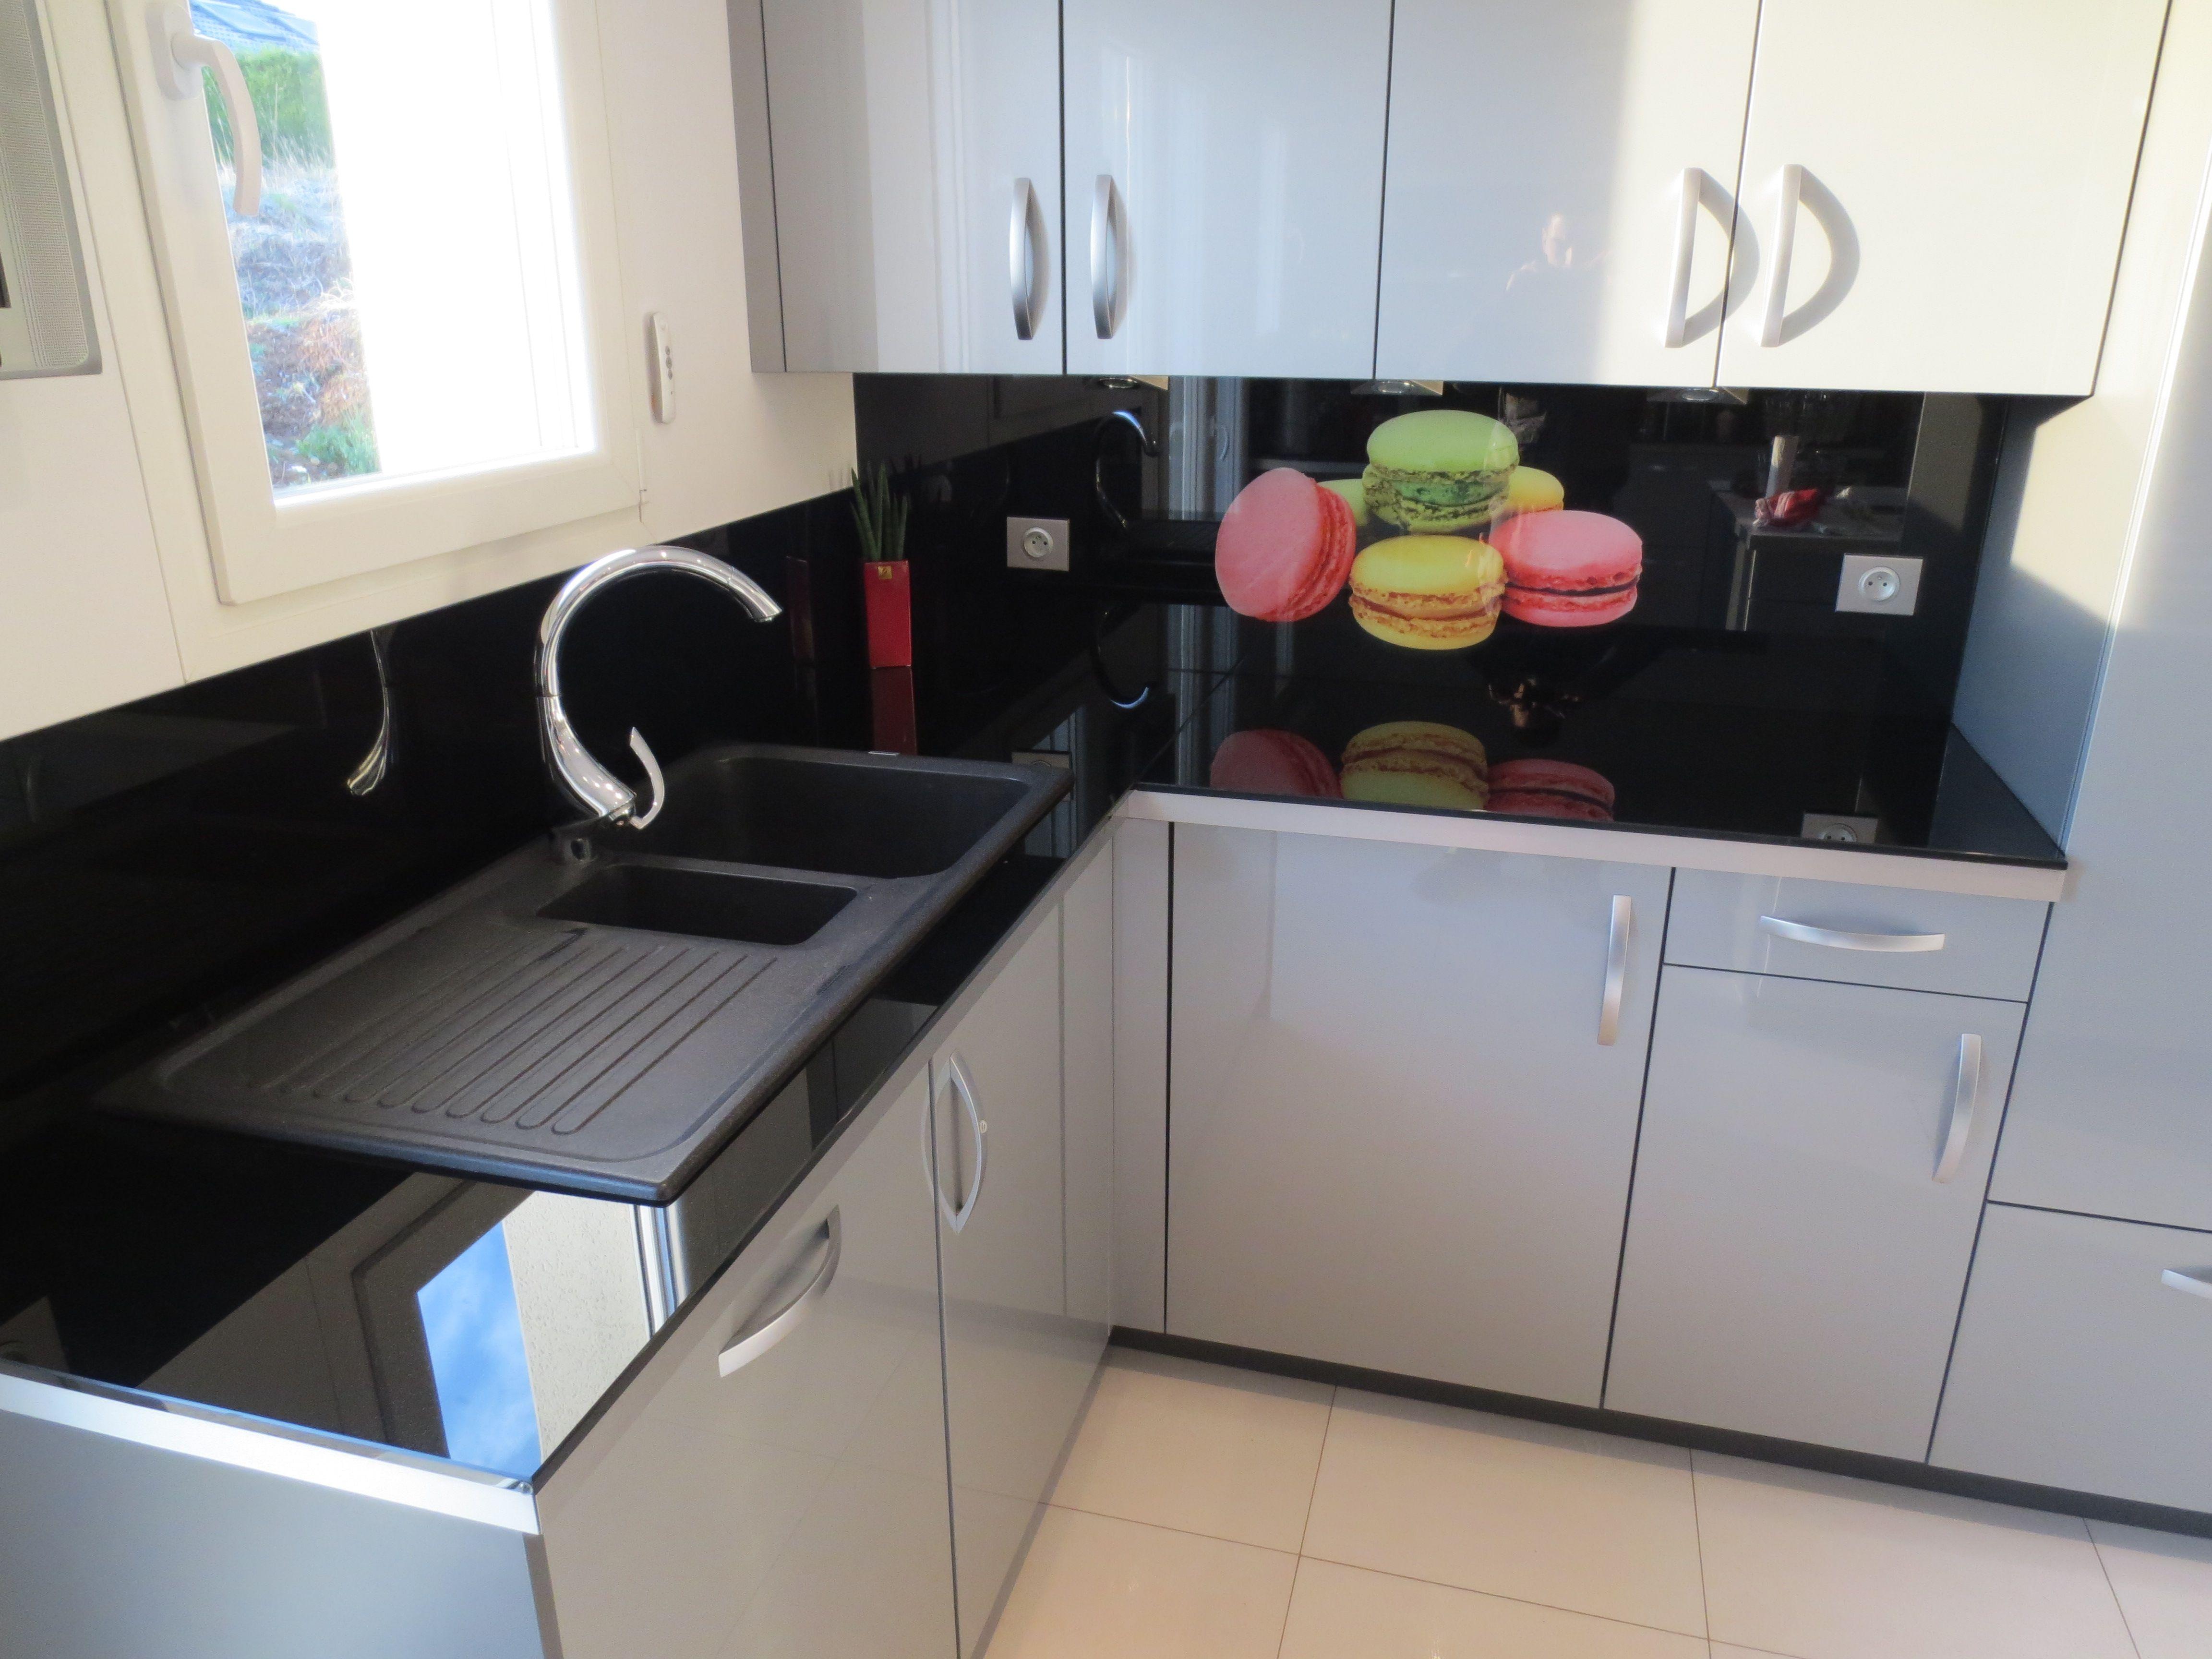 cr dence en verre avec impression num rique glass splashbacks kitchen with digital print. Black Bedroom Furniture Sets. Home Design Ideas